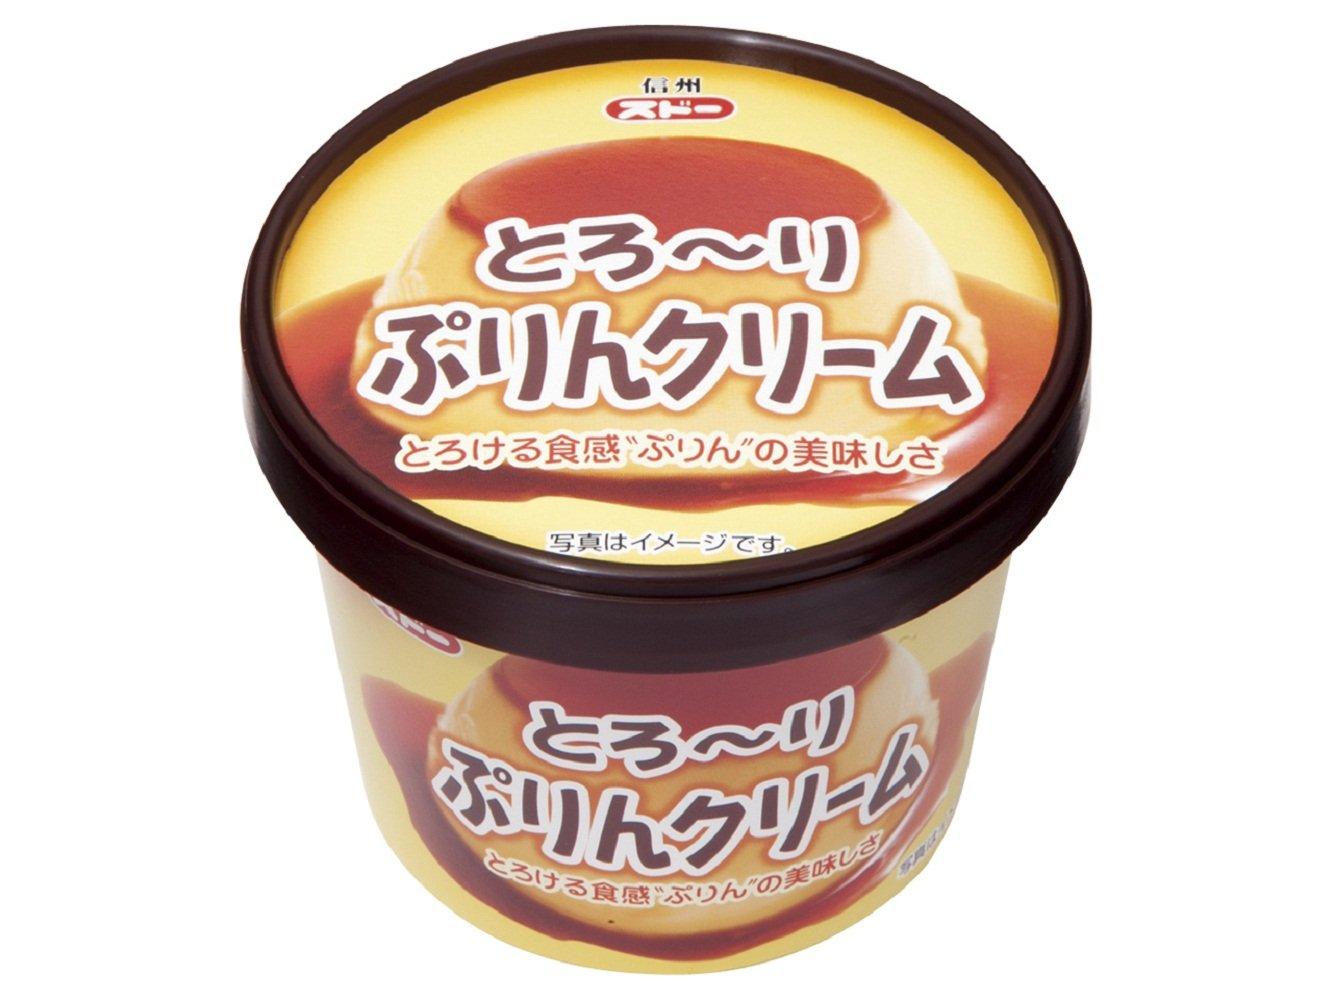 140gX12 piezas Sudojamu Toro - crema Ripurin: Amazon.es: Alimentación y bebidas